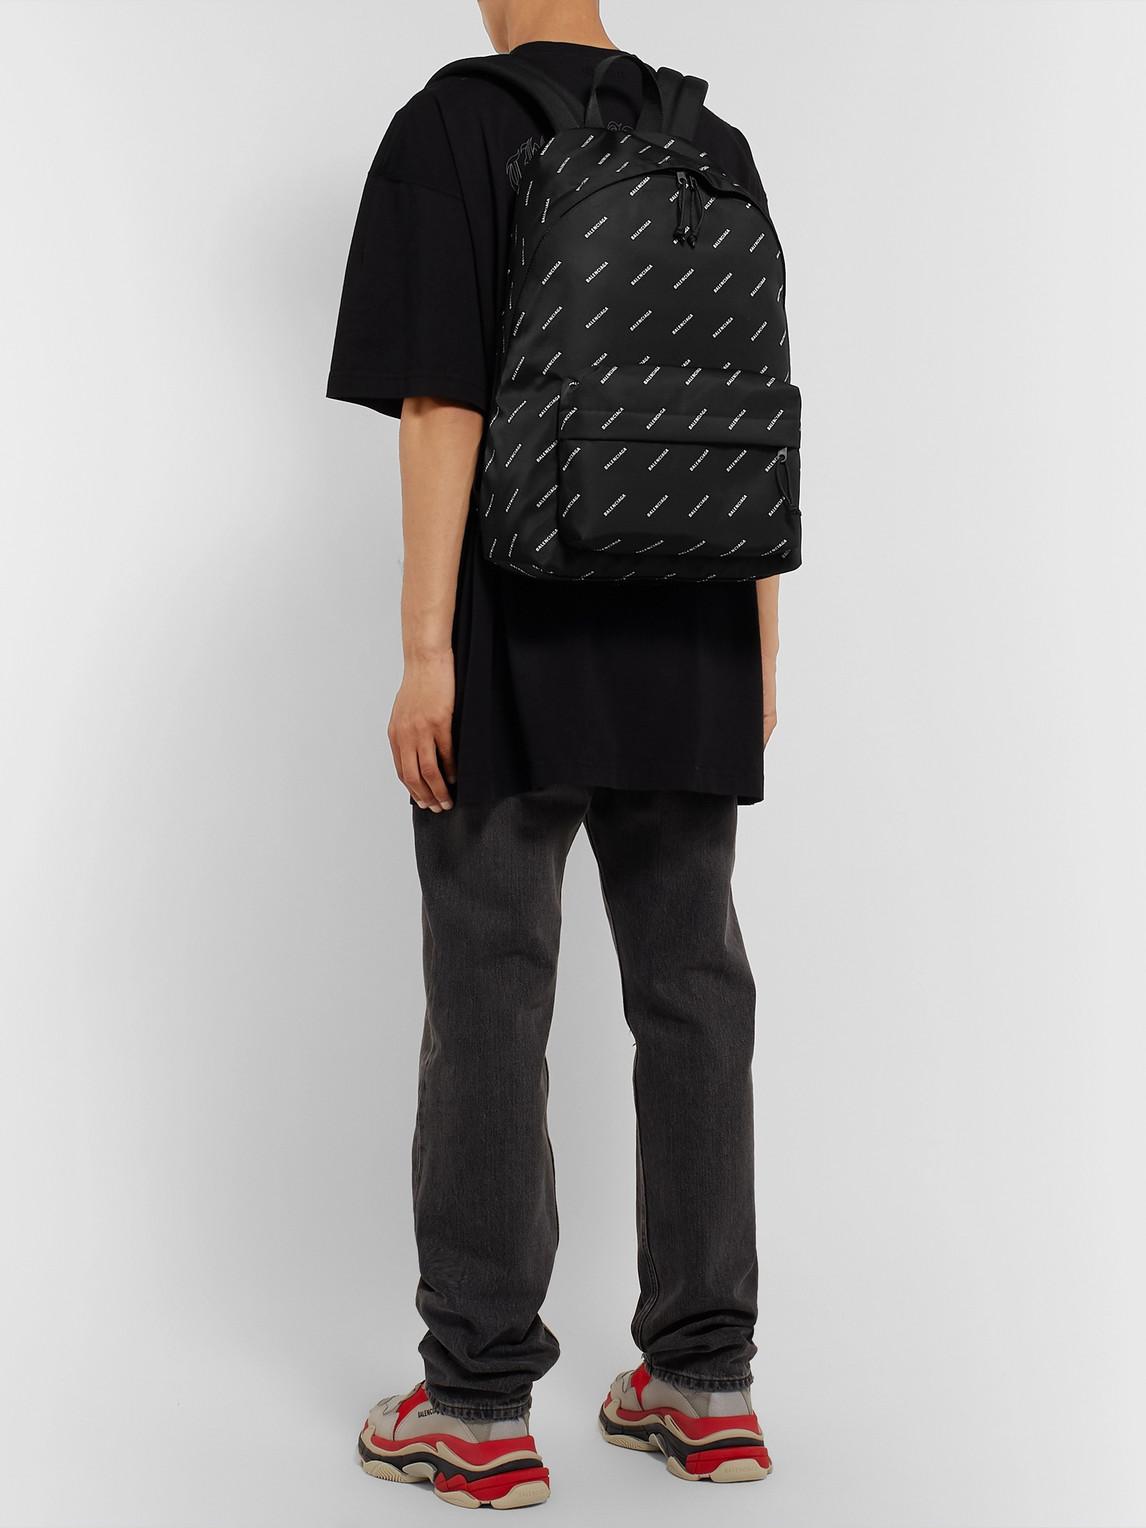 Balenciaga Backpacks EXPLORER LOGO-PRINT NYLON BACKPACK